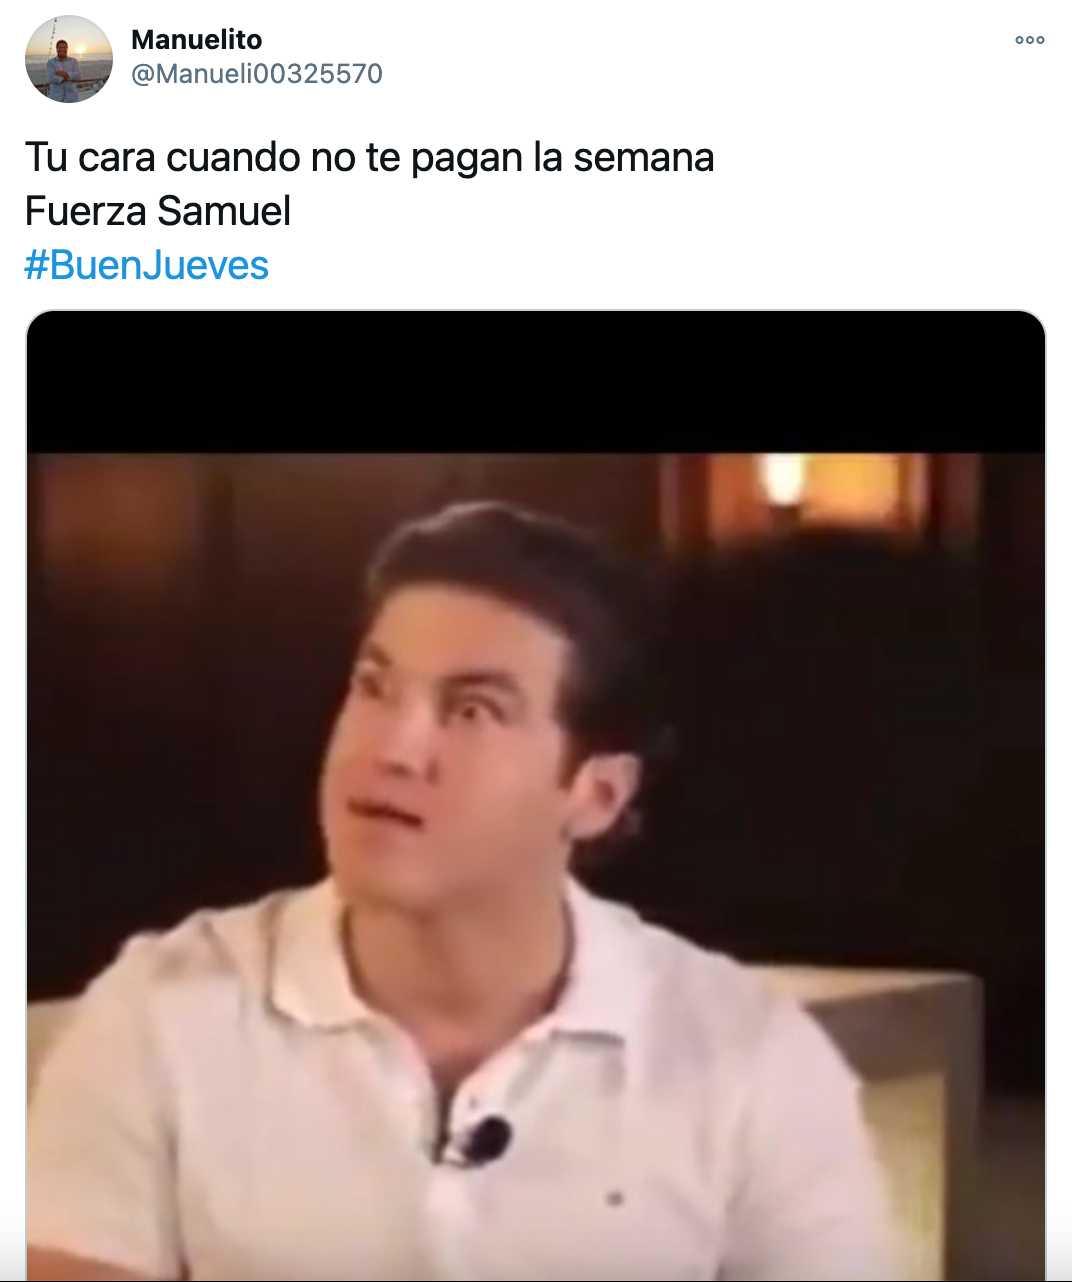 Twitter: Samuel García se queja de que tuvo que jugar golf en su trabajo